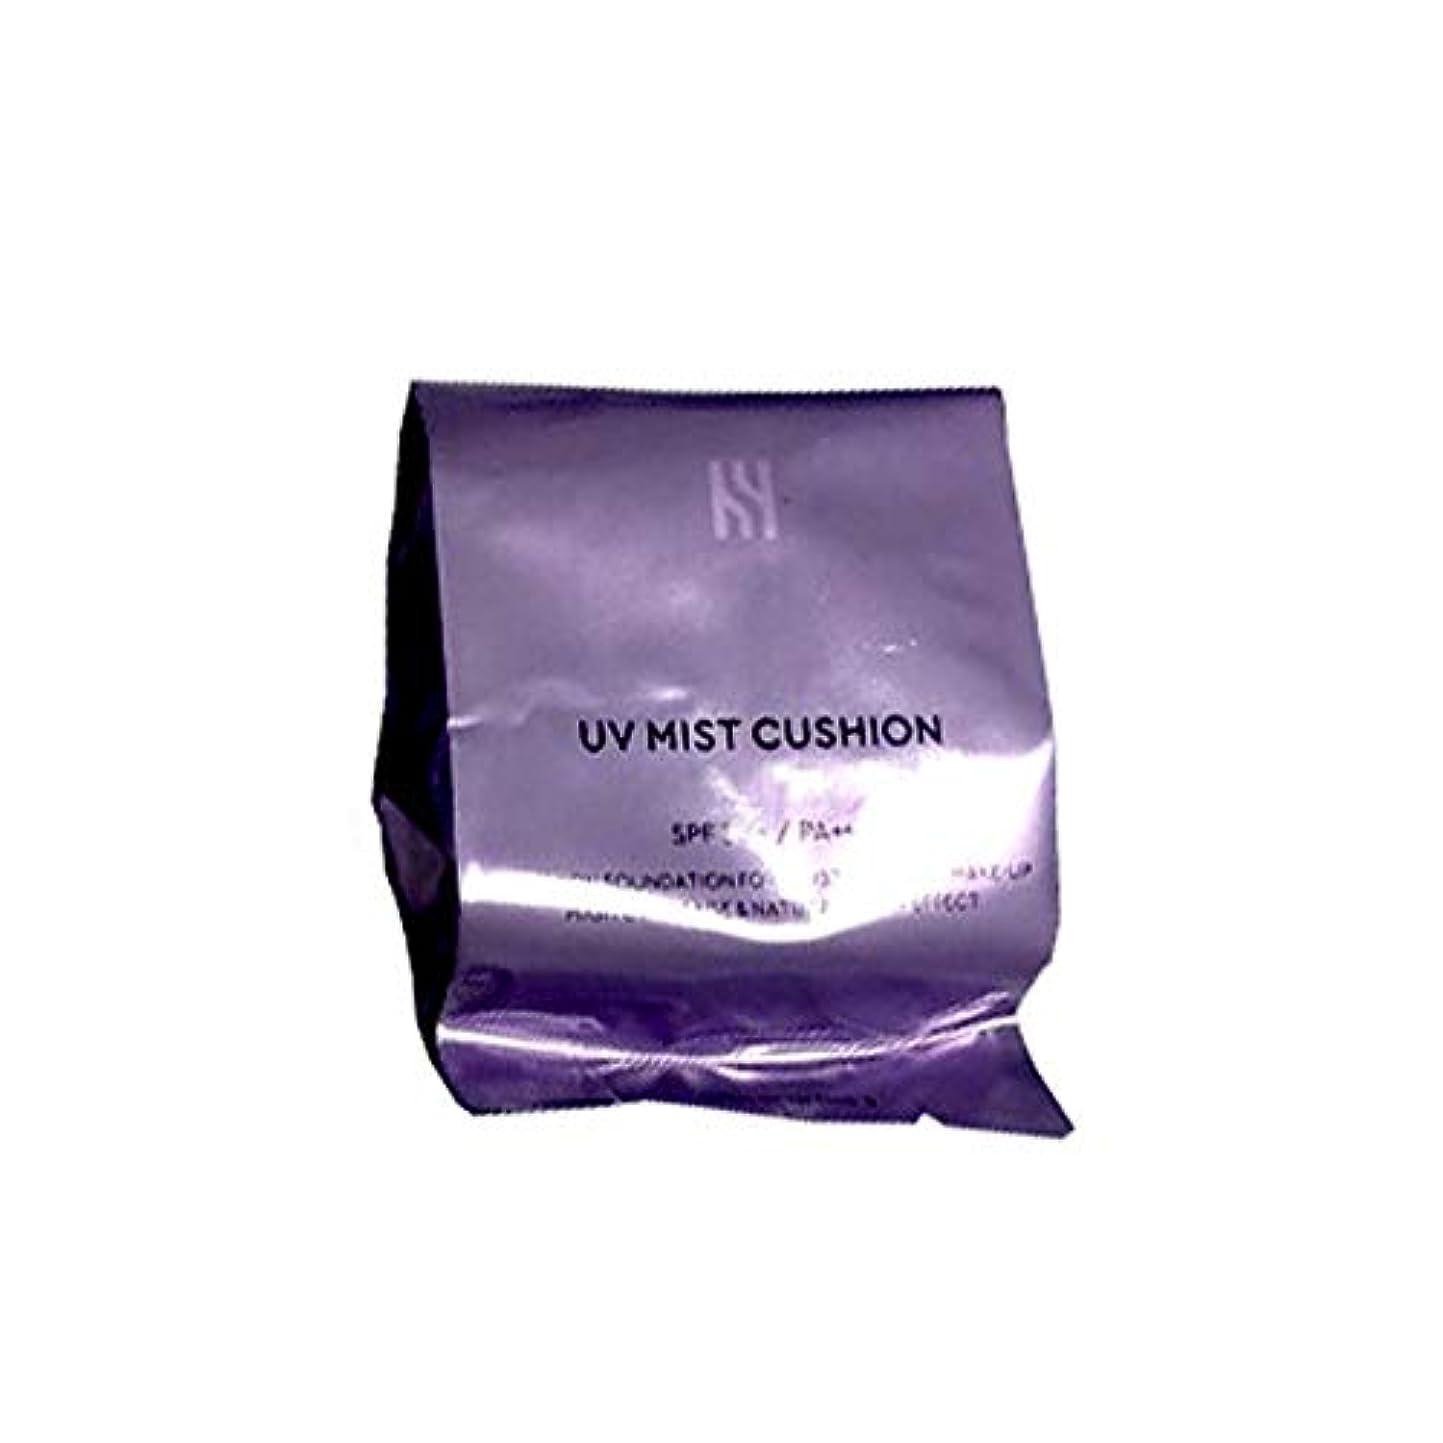 ベッドを作るオークランド目指すHERA(ヘラ) UVミストクッション(カバー)SPF50+/PA+++ [リフィルのみ] C17号/ロゼバニラ